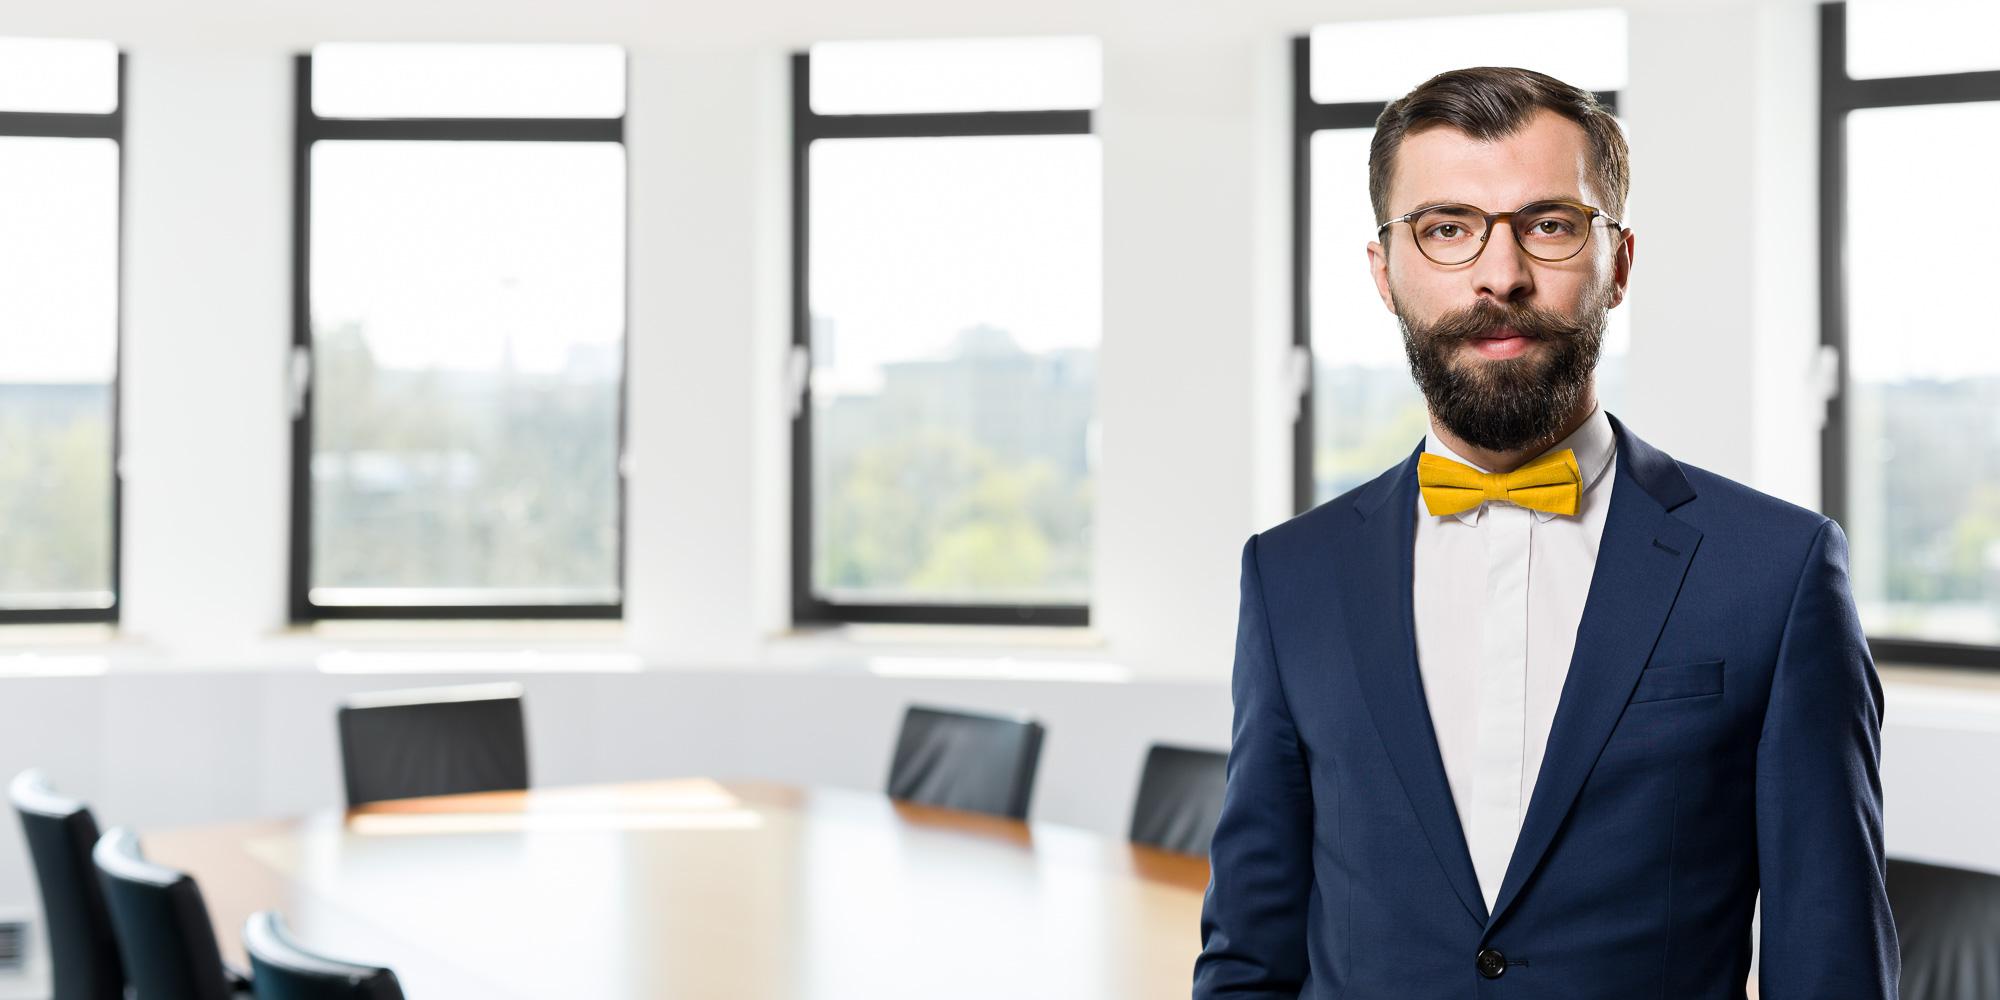 Philipp-Gutsche-Rechtsanwalt-Mediator-Beihilfen-und-Subventionsrecht-Infrastruktur-Rettungsdienst-Brandschutz-Katastrophenschutzrecht-Vergaberecht-Leipzig